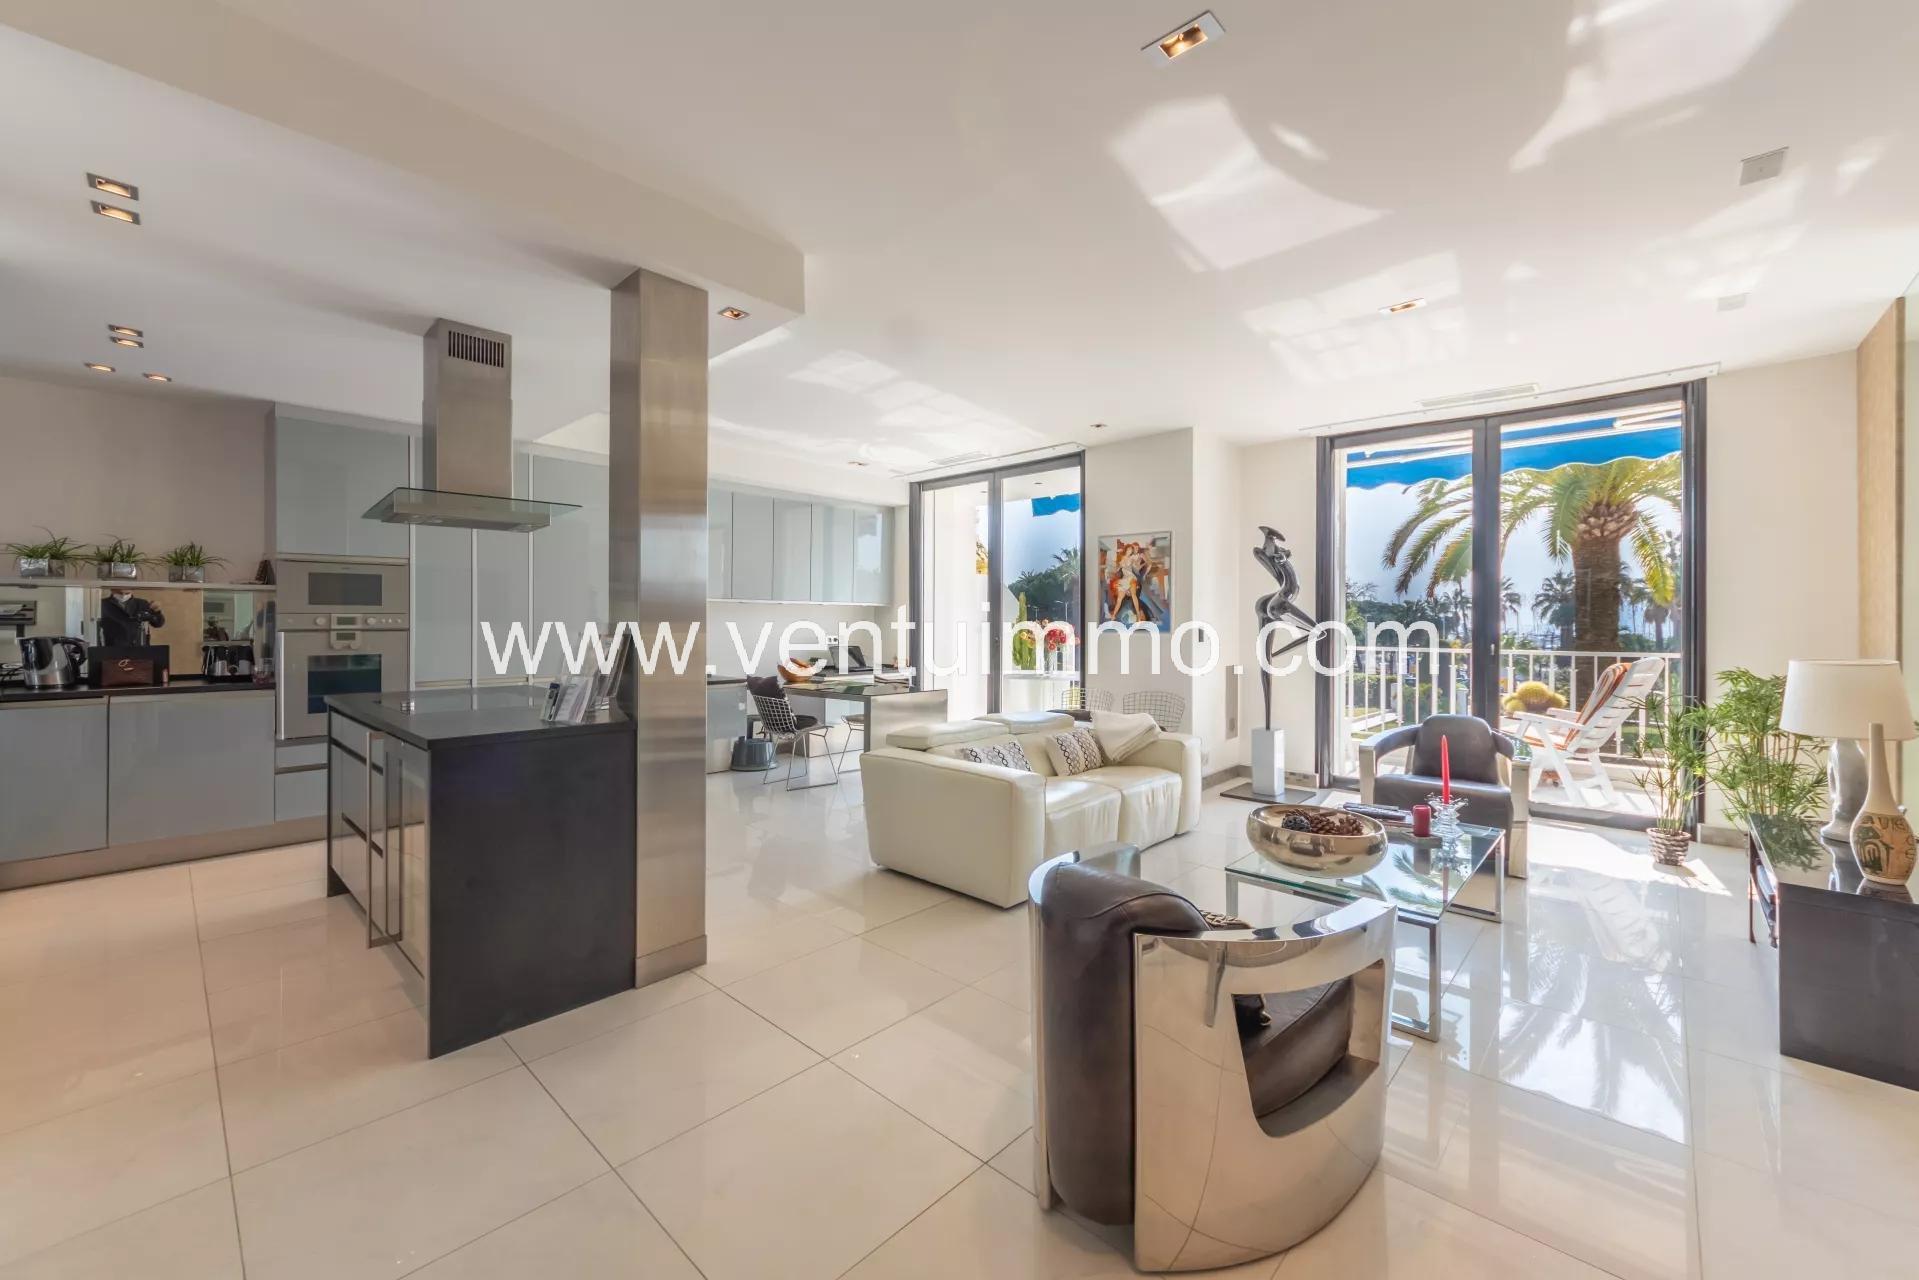 Verkauf Wohnung - Cannes Port Canto